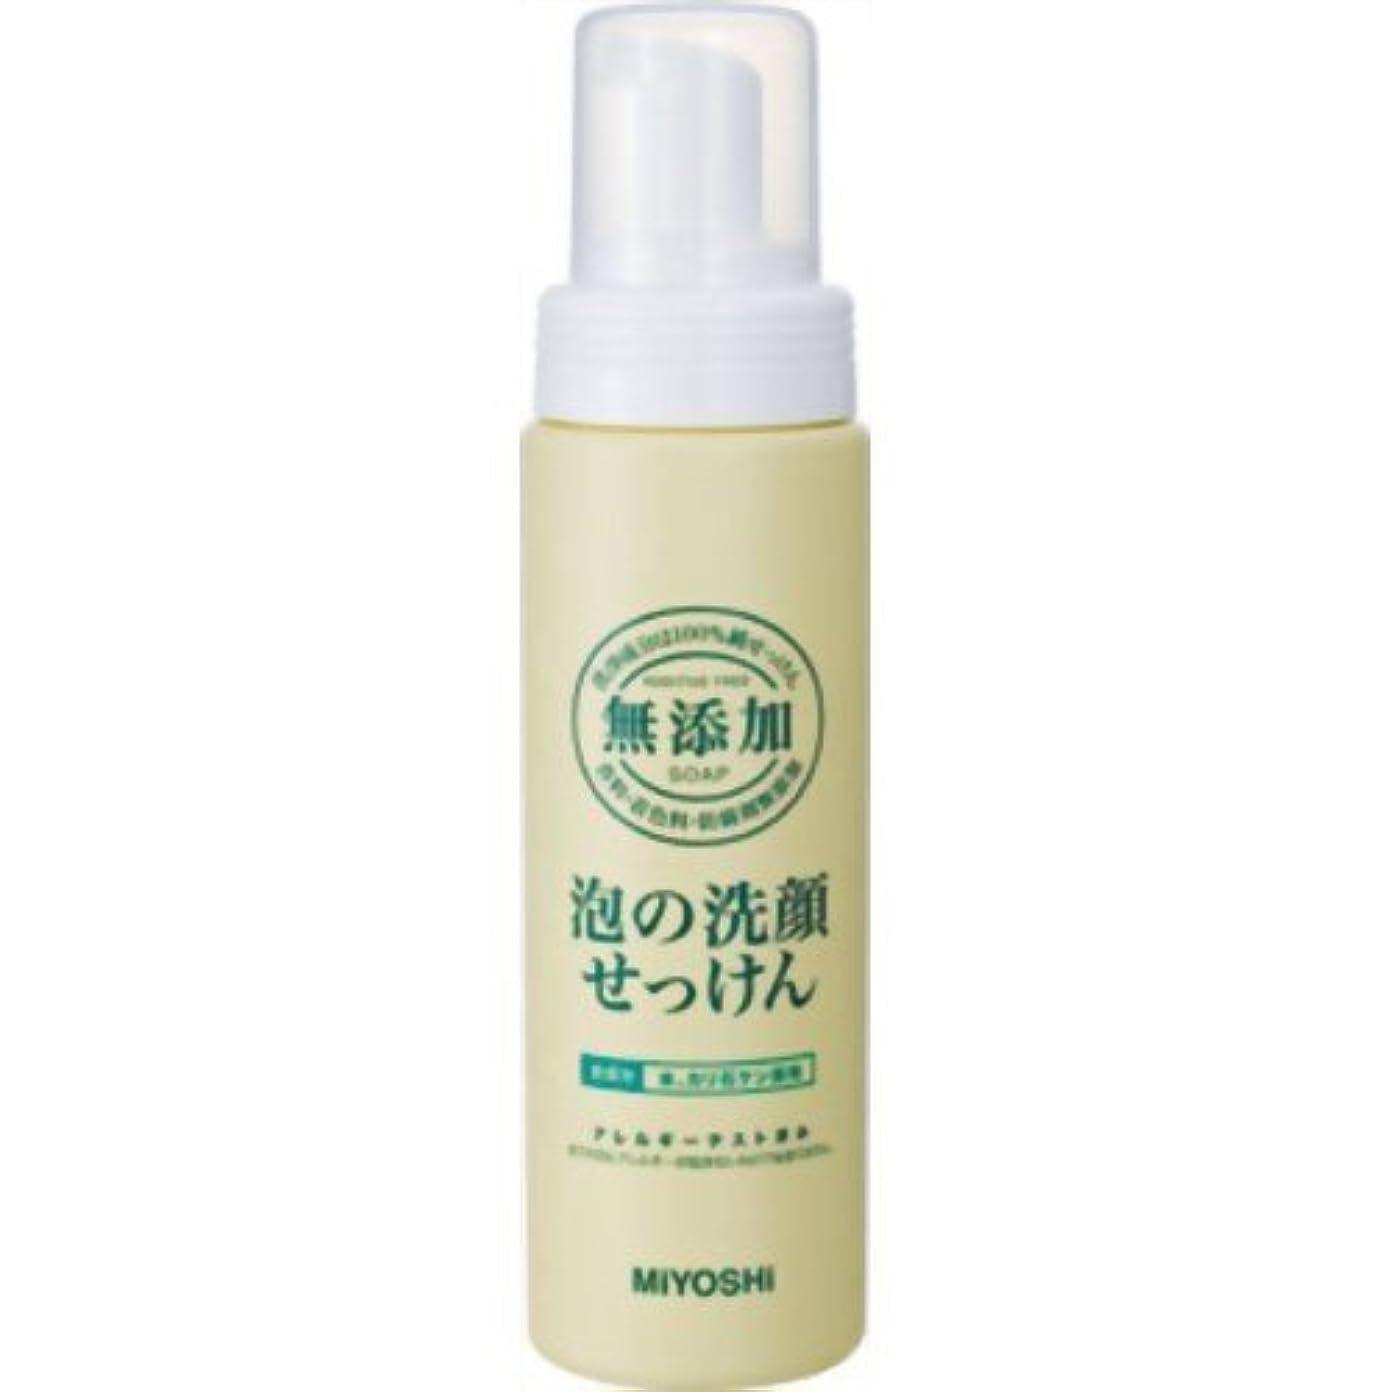 命題北極圏肥沃な無添加泡の洗顔せっけんポンプボトル × 3個セット